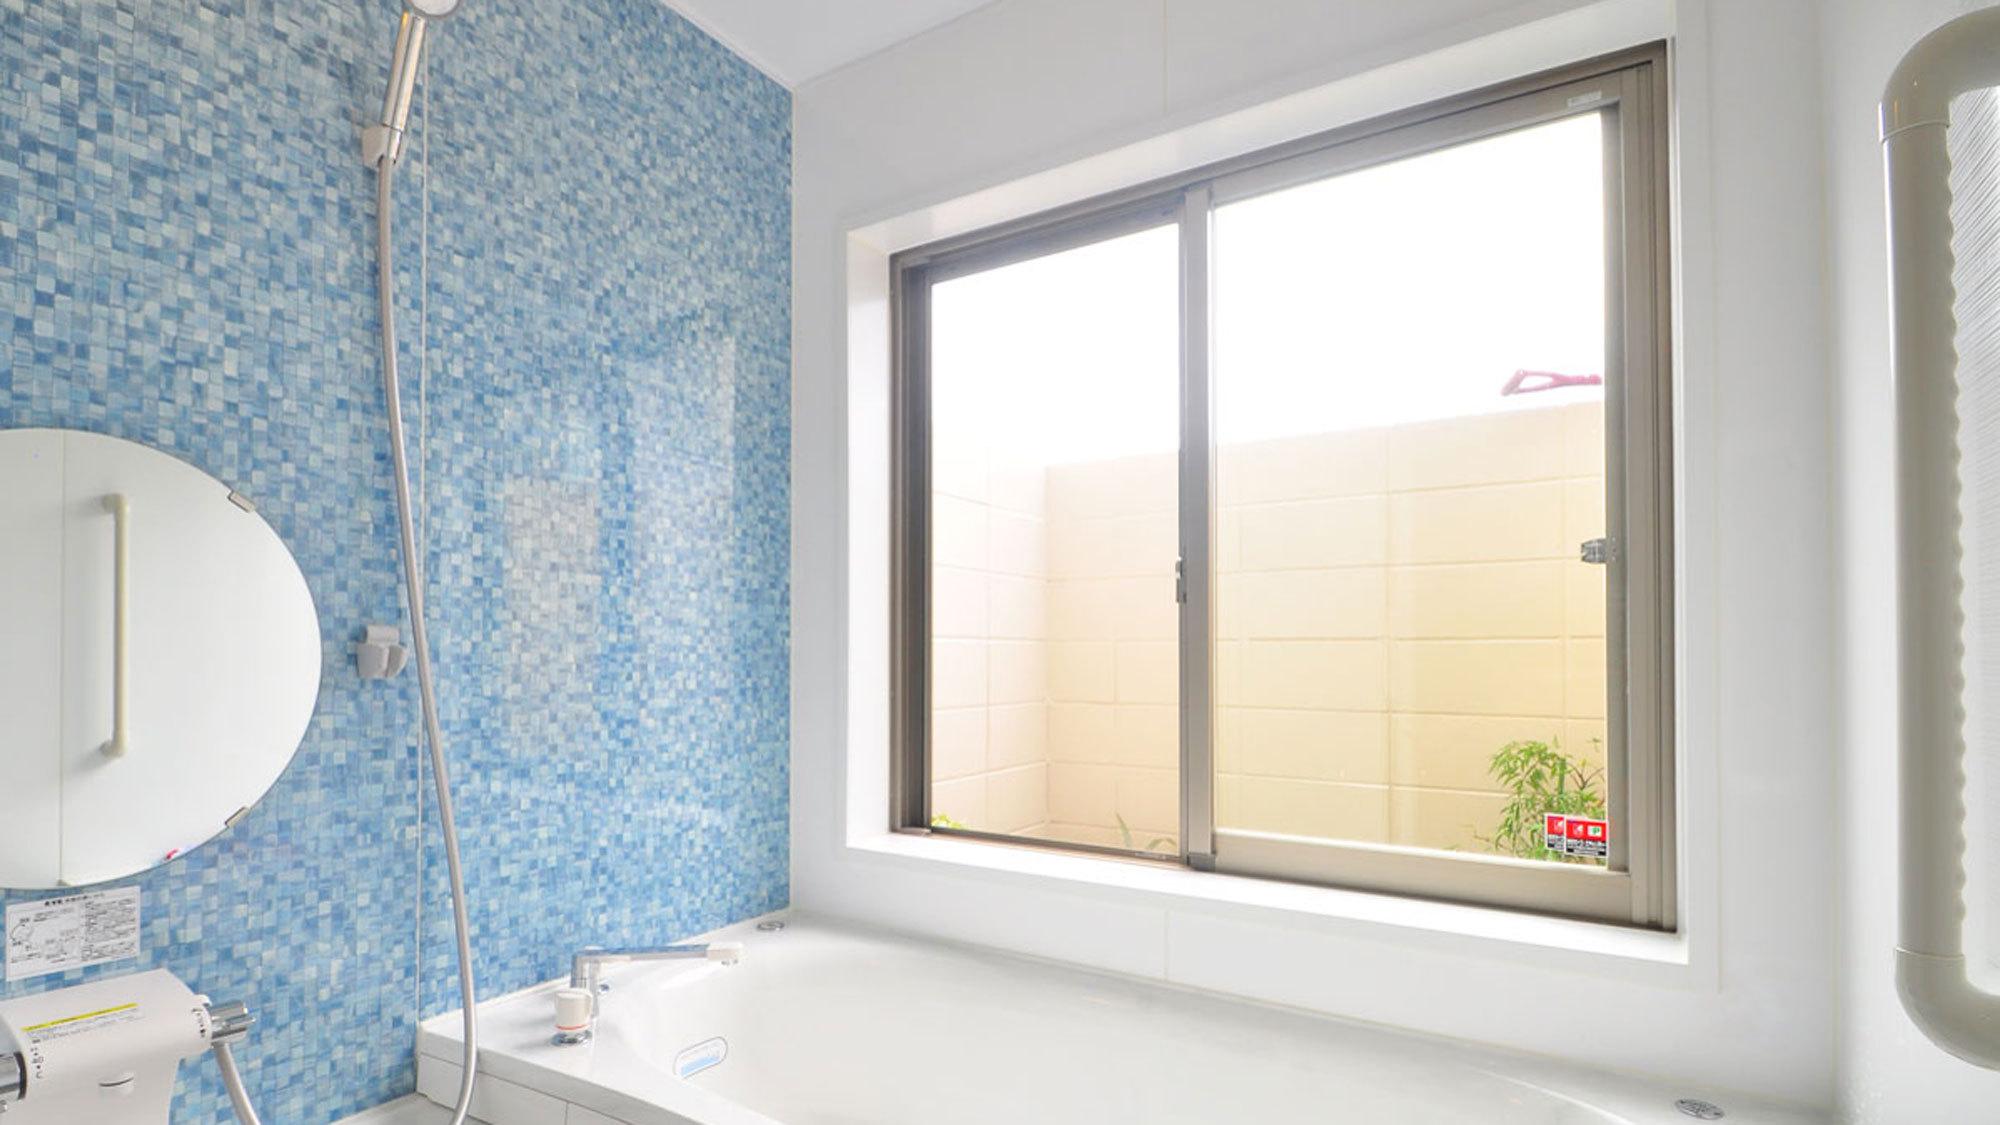 【奥側1F】広くて明るいきれいな浴室